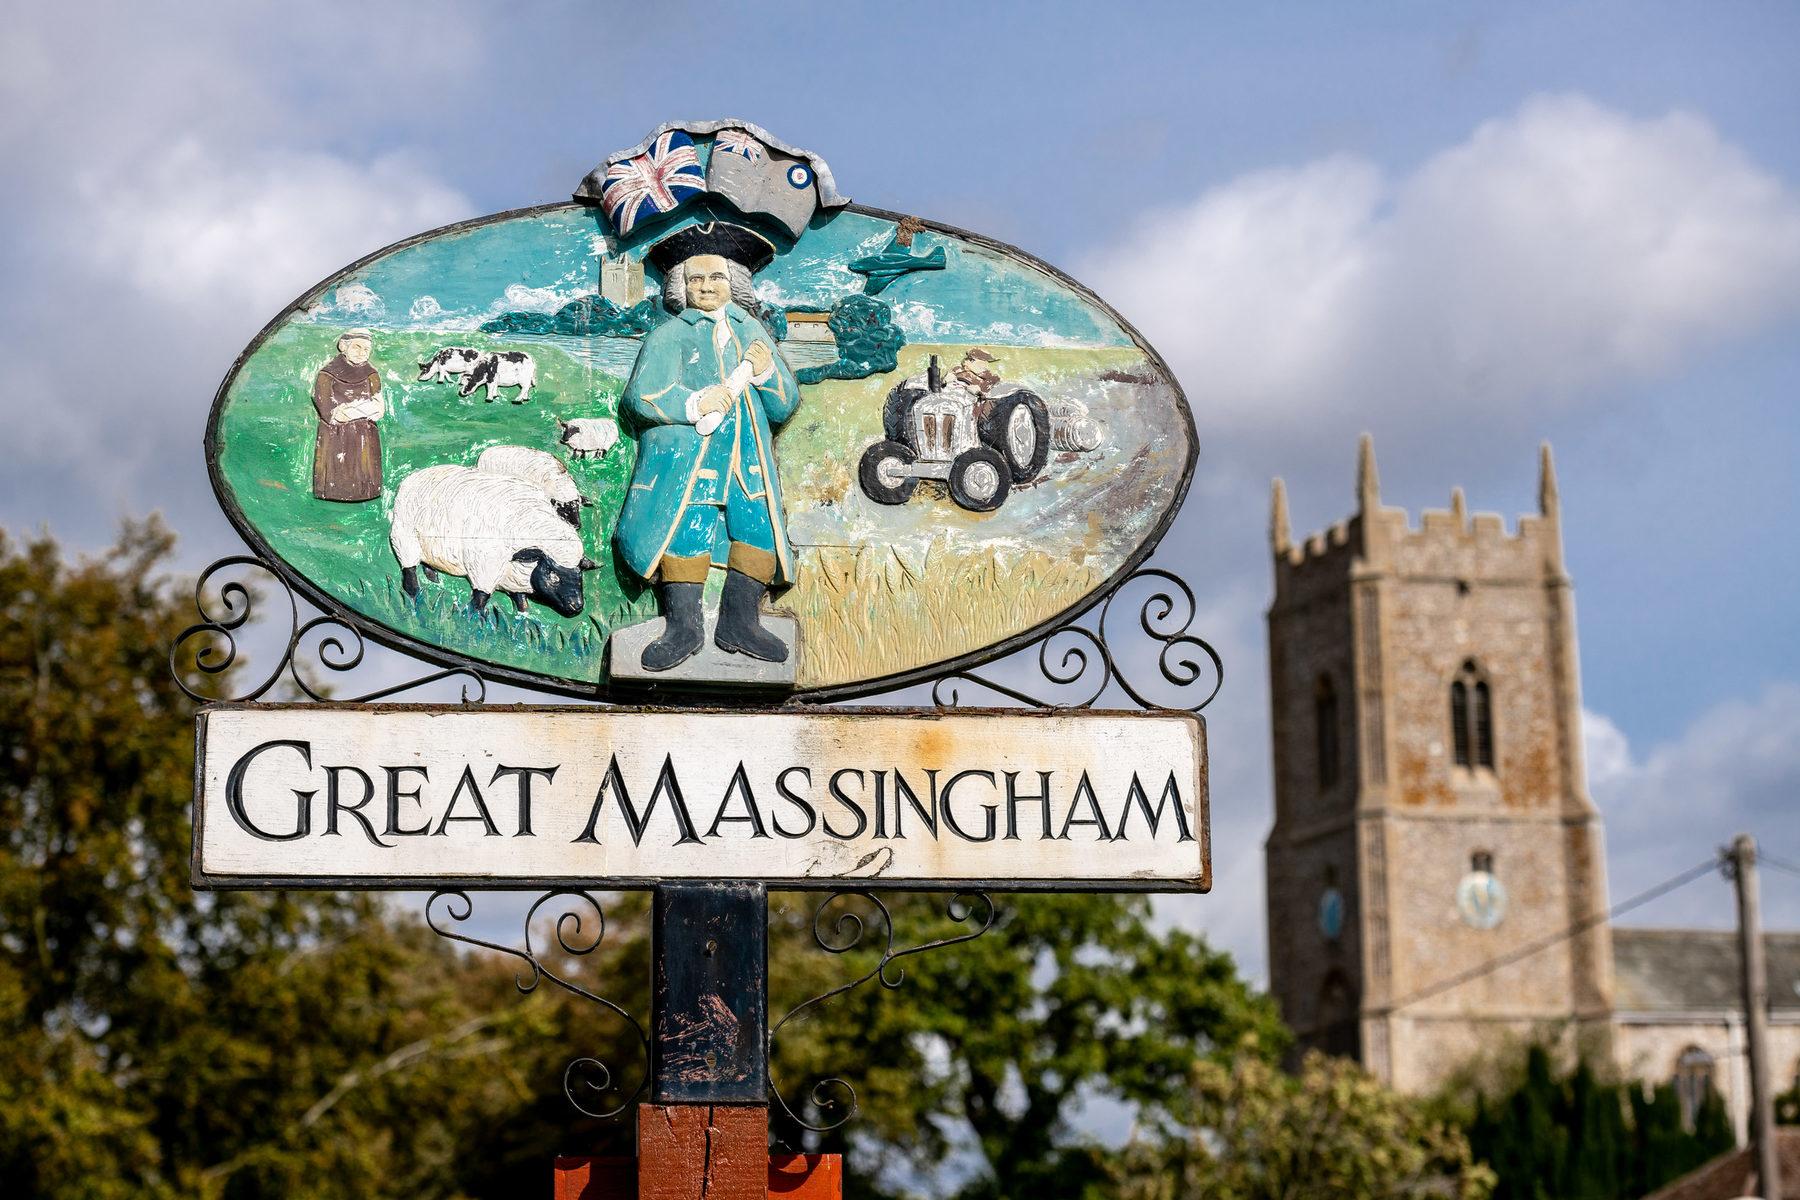 006 Great Massingham 2018